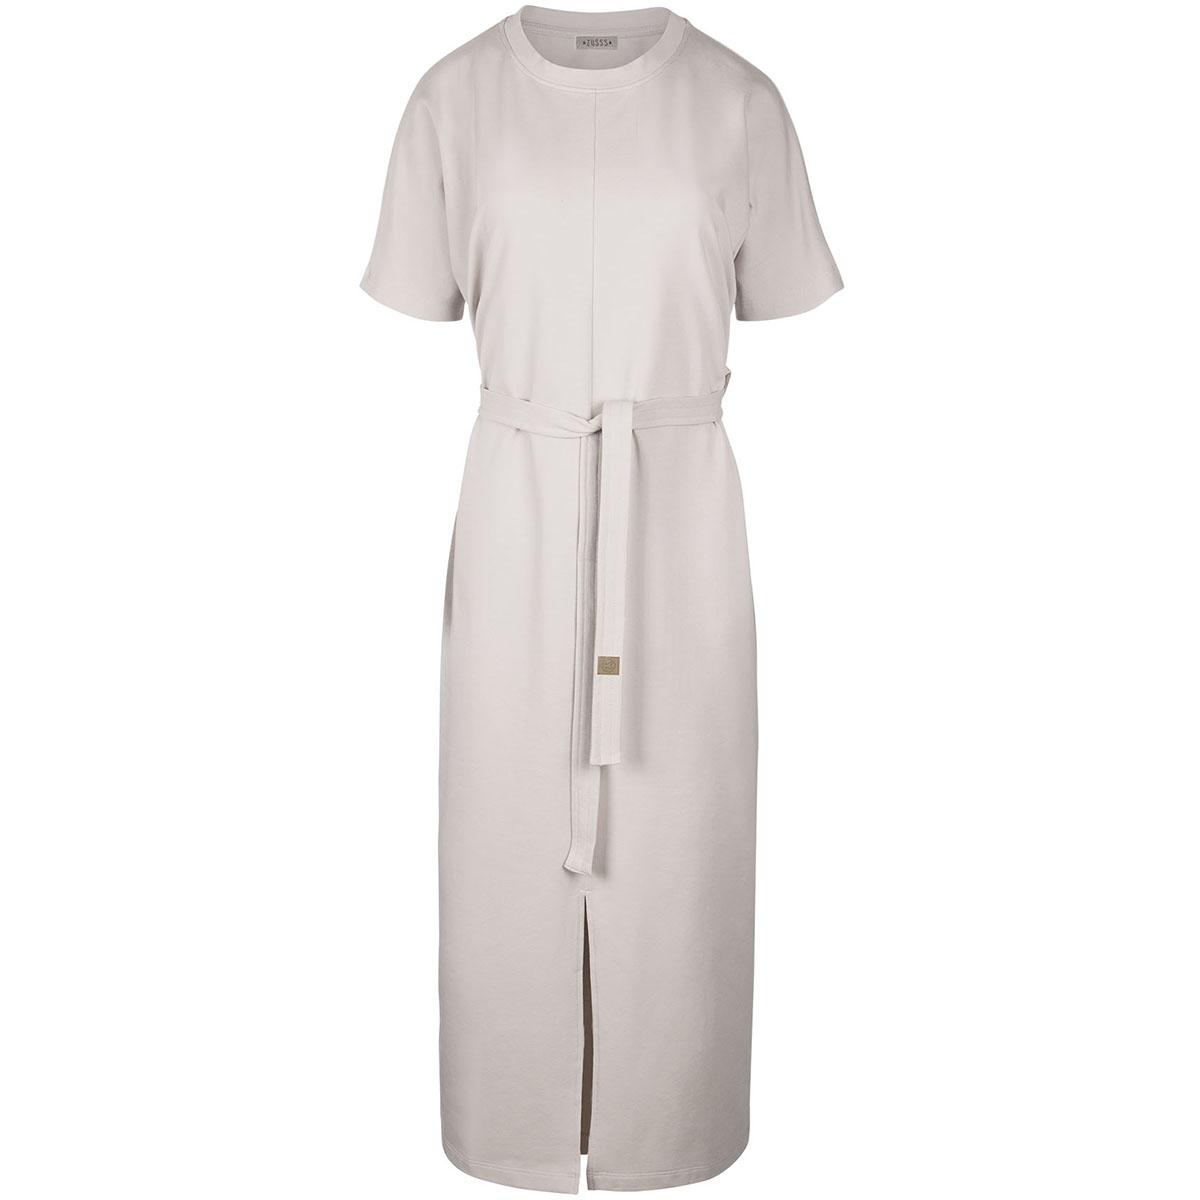 03lj19v hippe lange jurk zusss jurk ckr krijt